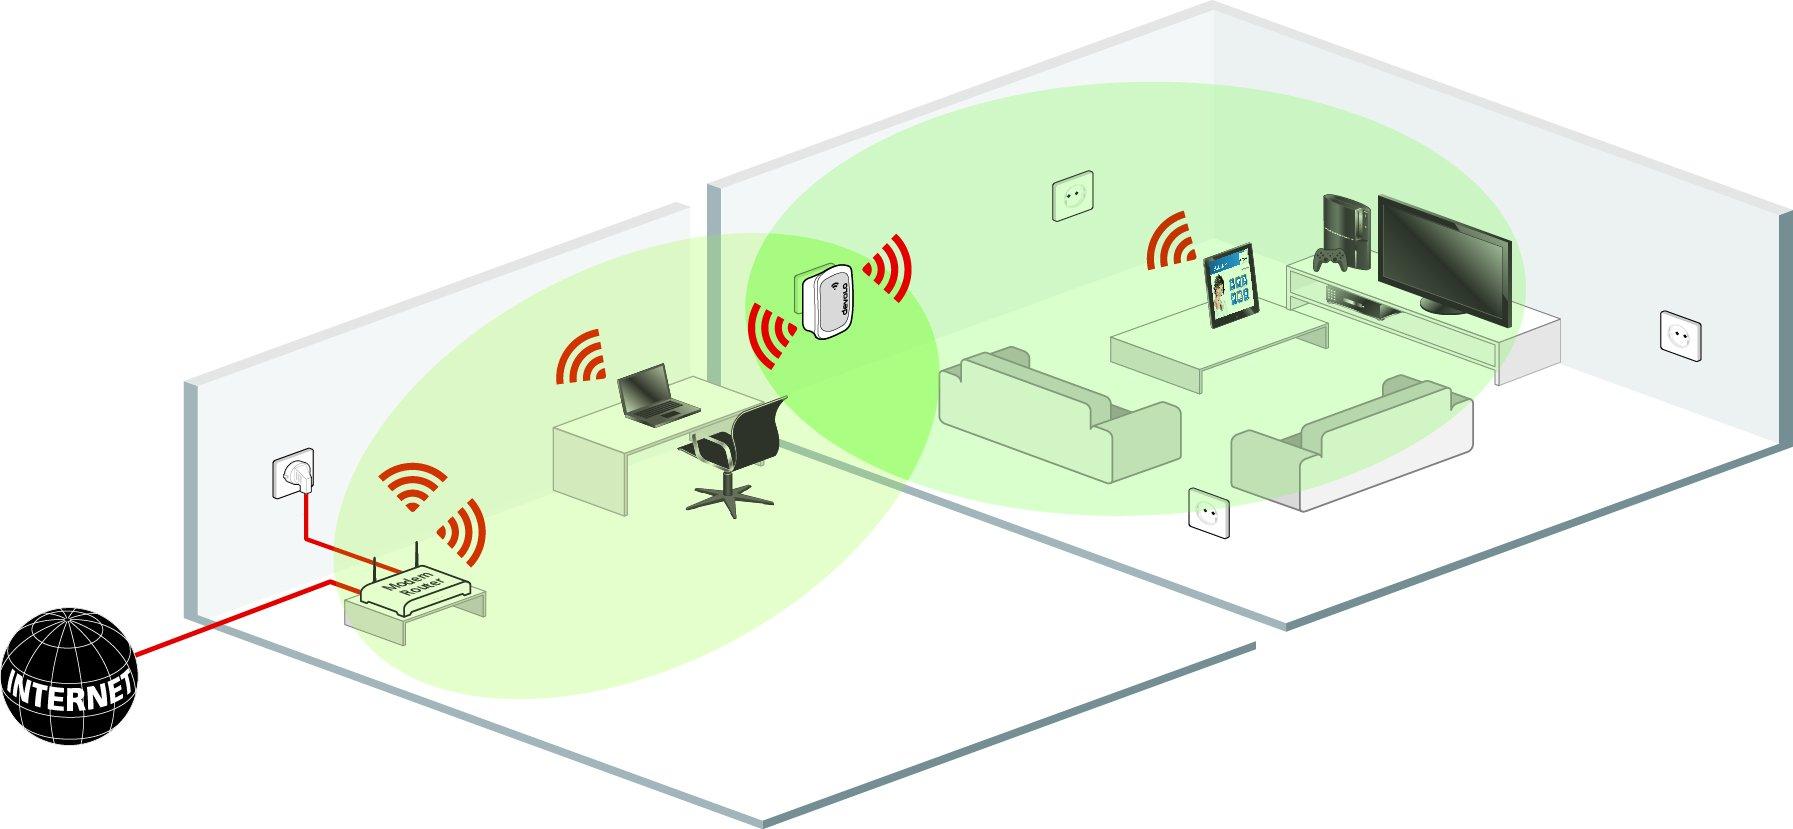 Усилитель Wi-Fi сигнала – прибор, который увеличивает площадь охвата роутера